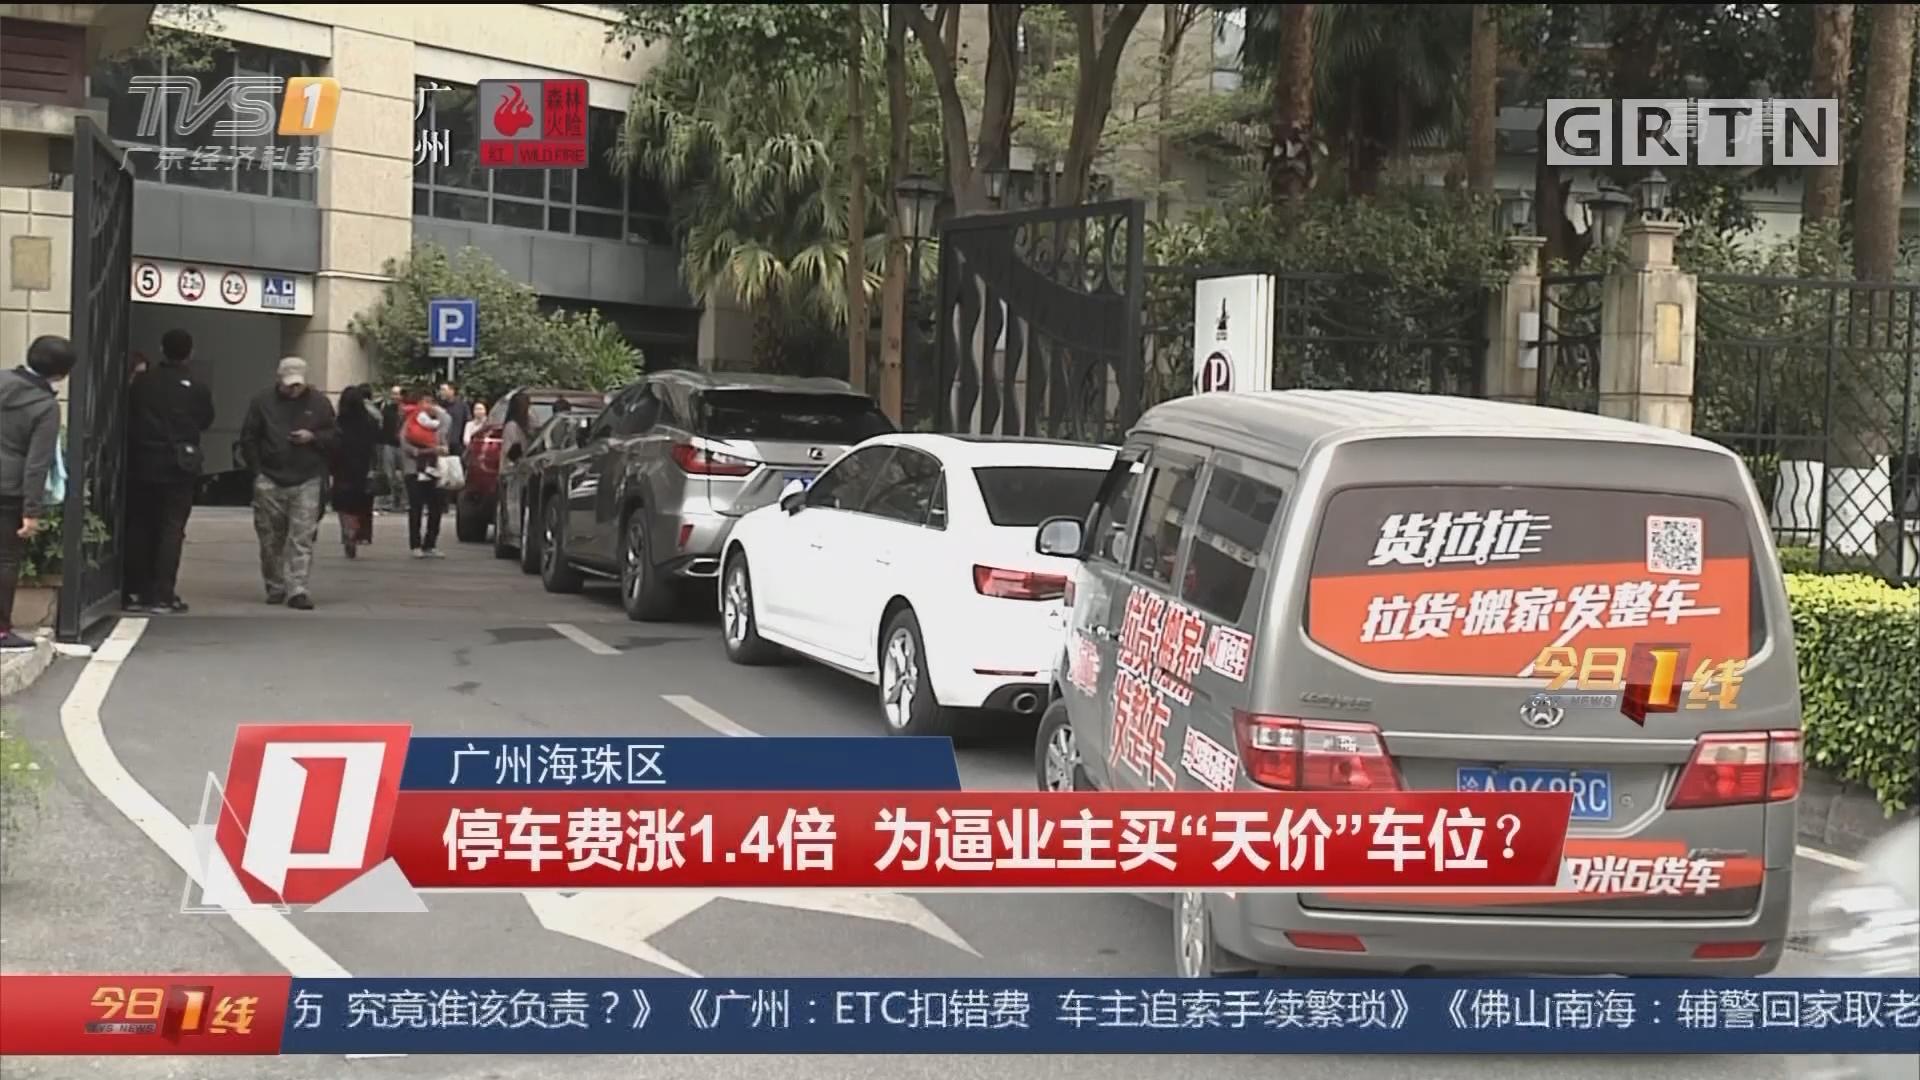 """广州海珠区 停车费涨1.4倍 为逼业主买""""天价""""车位?"""